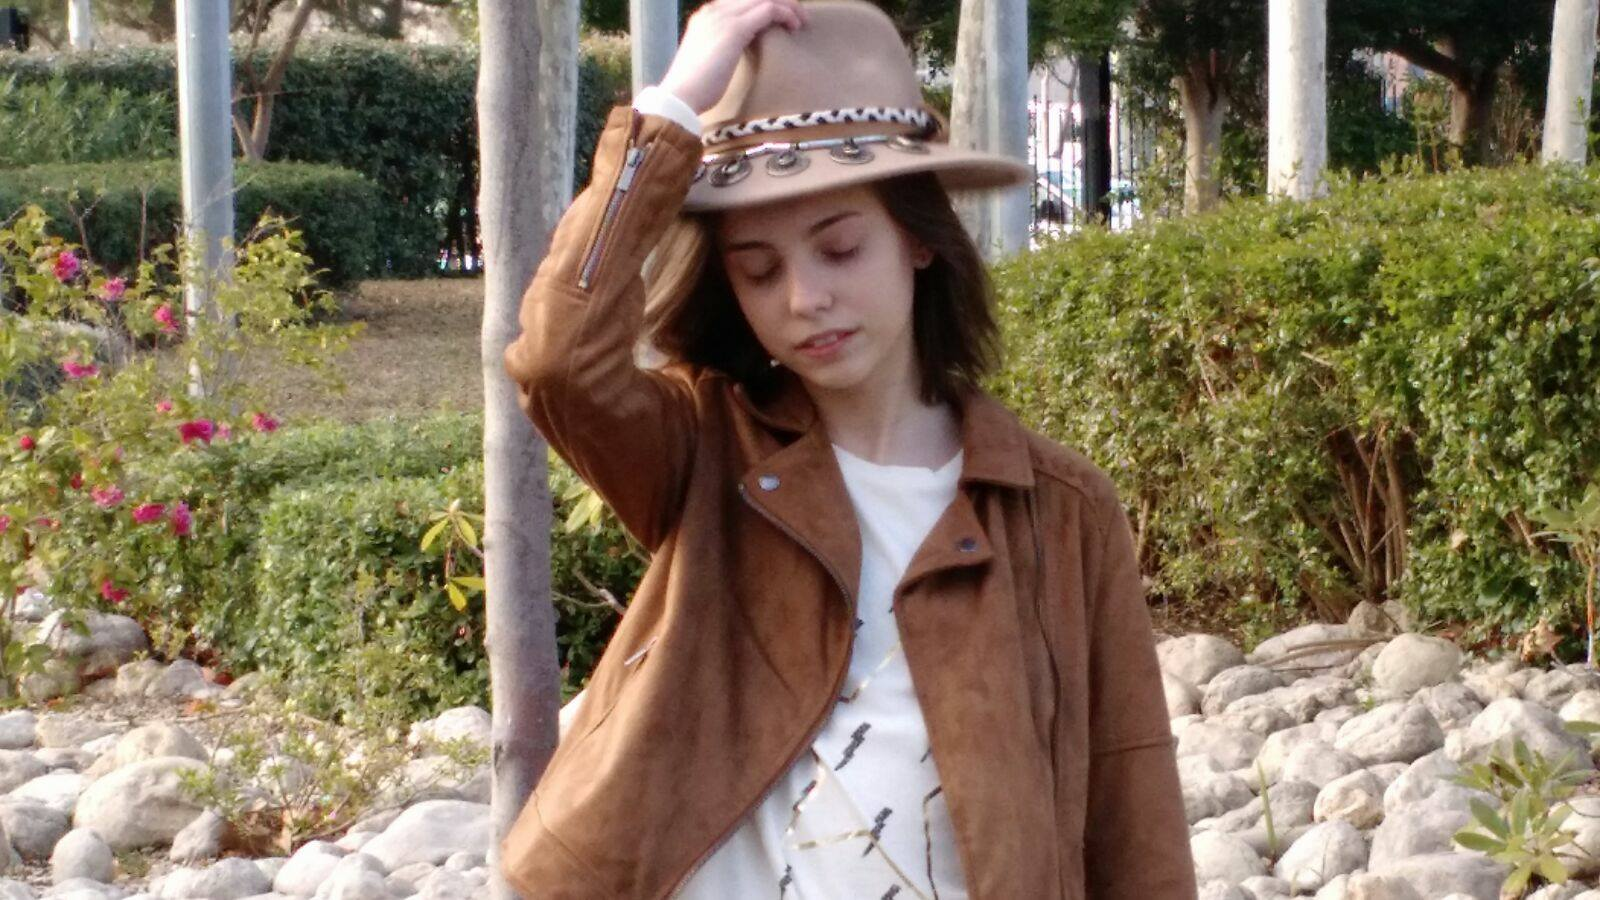 sombrero de ala ancha, sombrero de explorador, sombrero indiana, accesorios, zara,